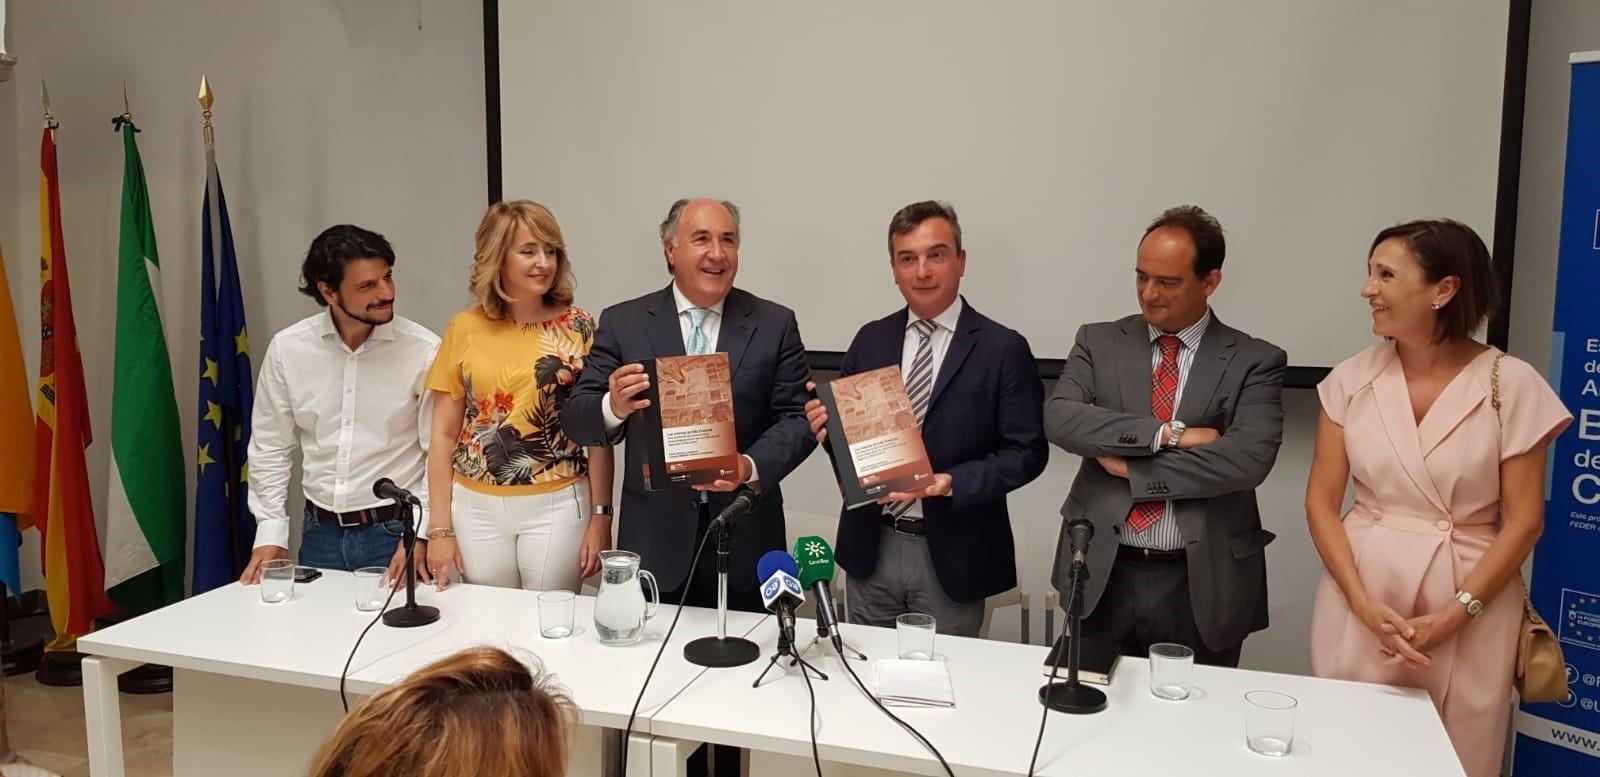 UCA y Ayuntamiento presentan el libro 'La cetariae de Ivlia Tradvcta' en el Campus Bahía de Algeciras